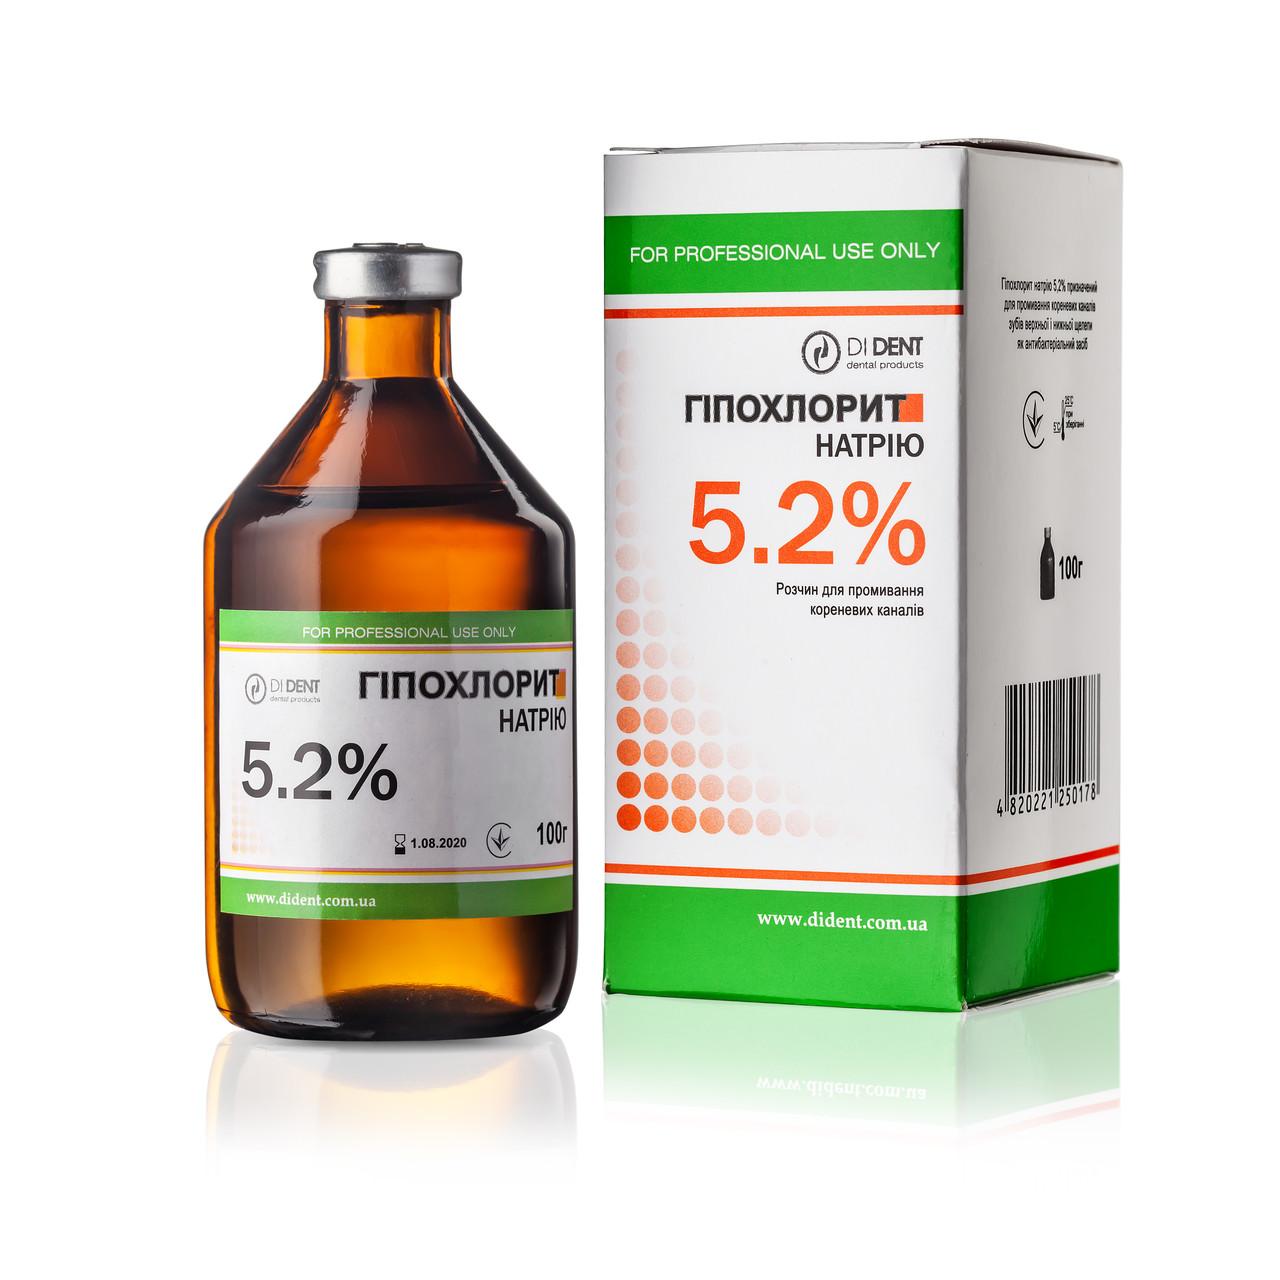 Гипохлорит натрия 5,2% раствор Дидент